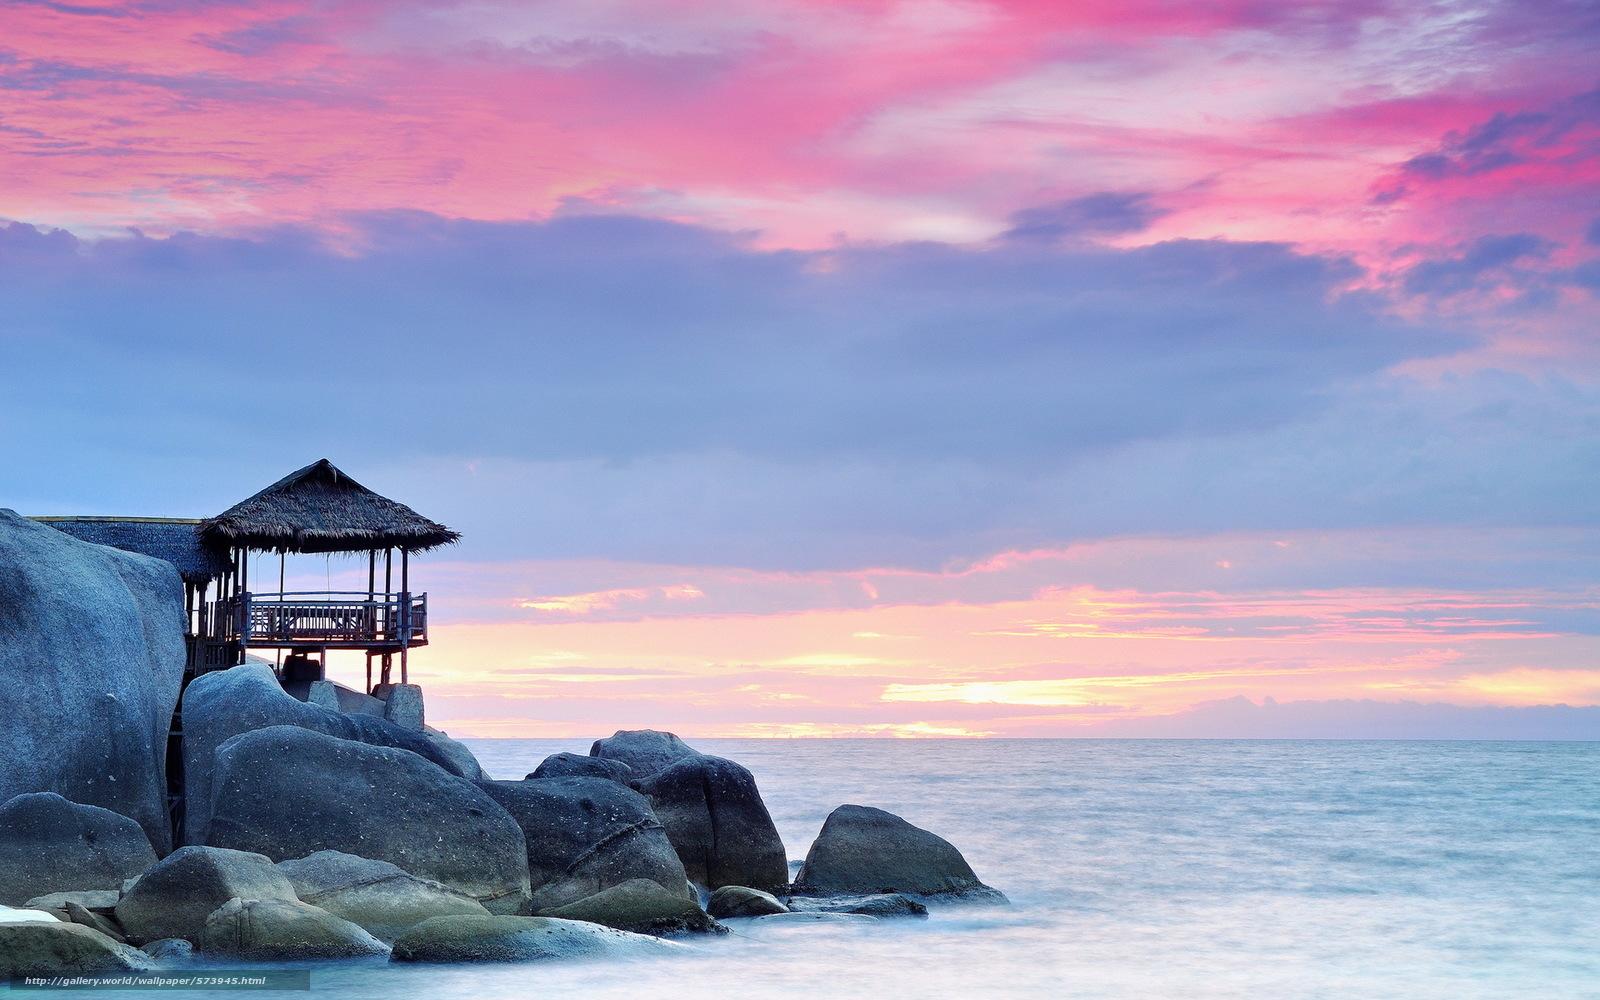 下载壁纸 景观,  海,  日落,  石头 免费为您的桌面分辨率的壁纸 1920x1200 — 图片 №573945